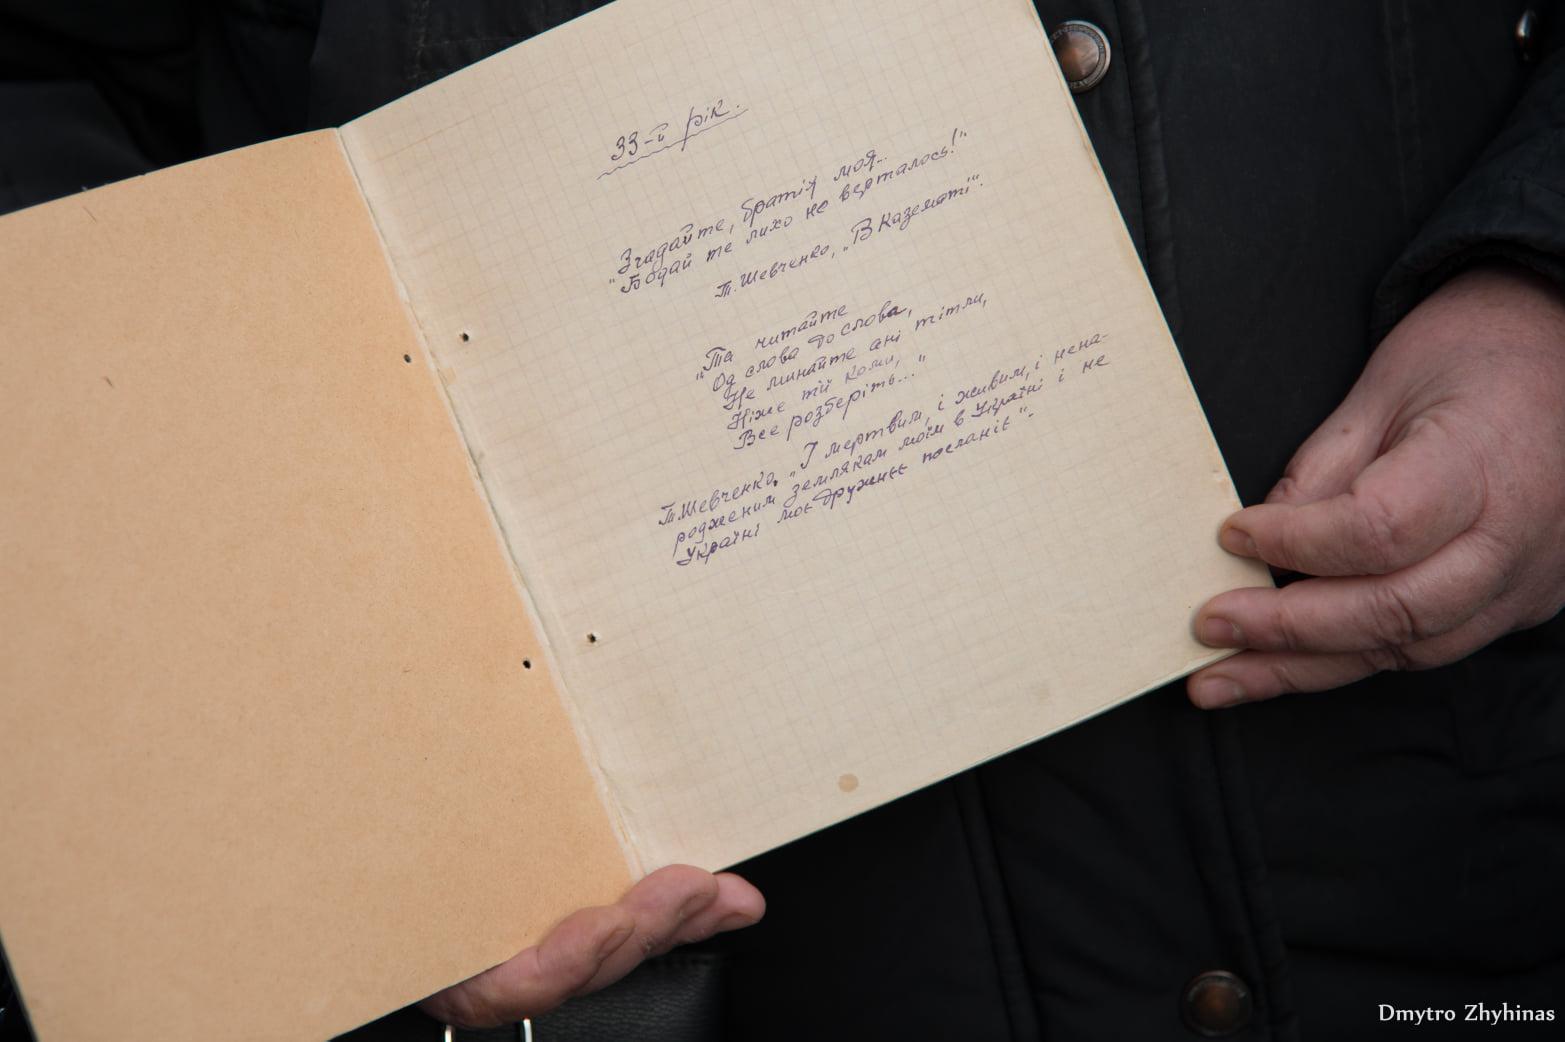 Щоденник спогадів: у Боярці передали твір «33-й рік» Музею Голодомору - спогади, Києво-Святошинський район, Голодомор, Геноцид - 127148779 1183623968705916 9180228525201956671 o